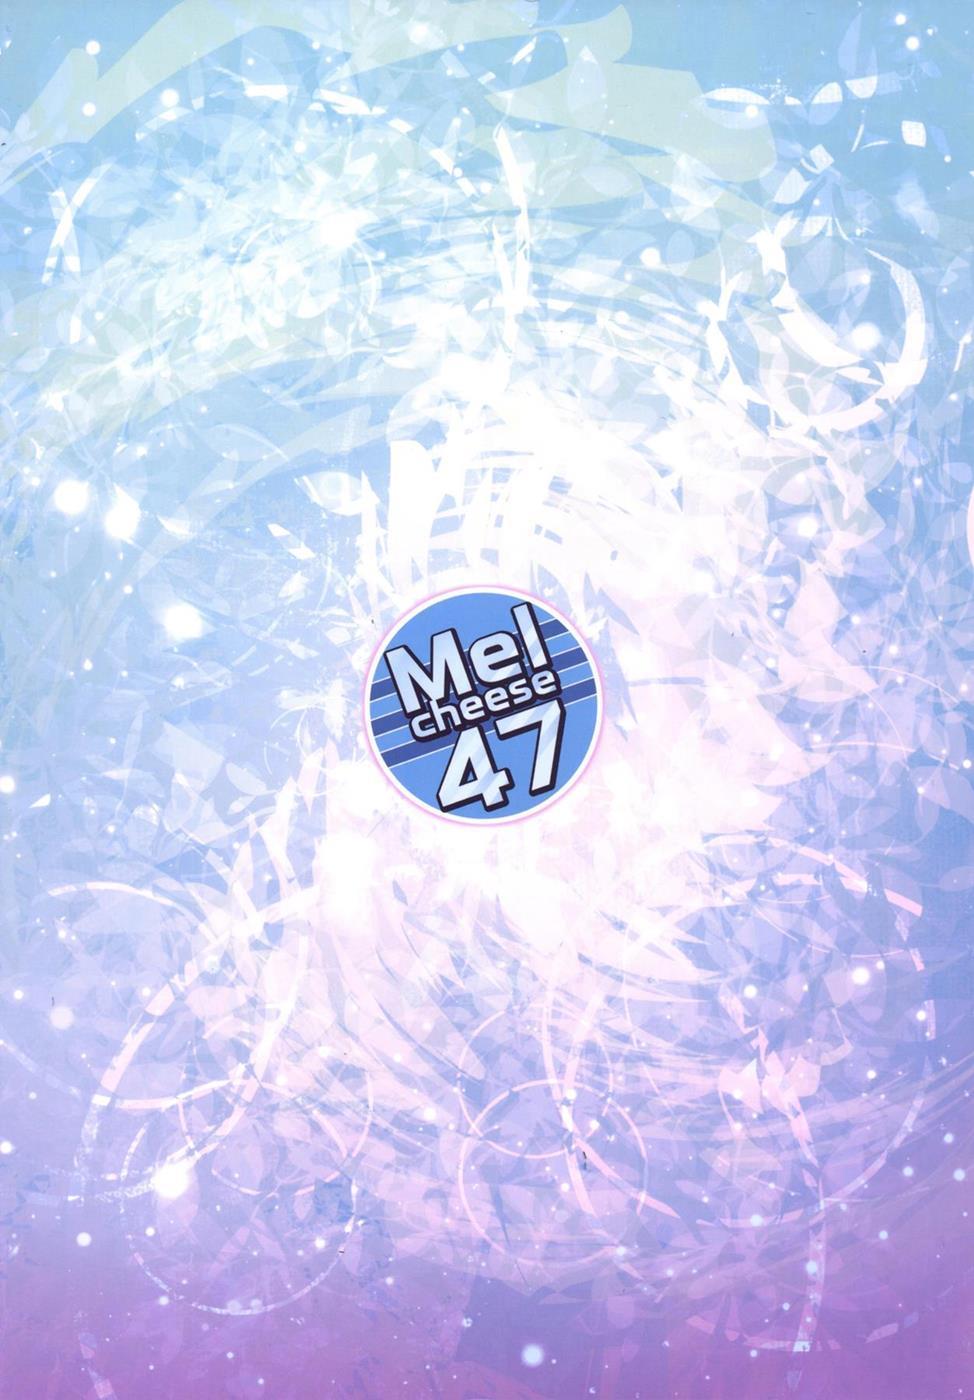 Melcheese47 25